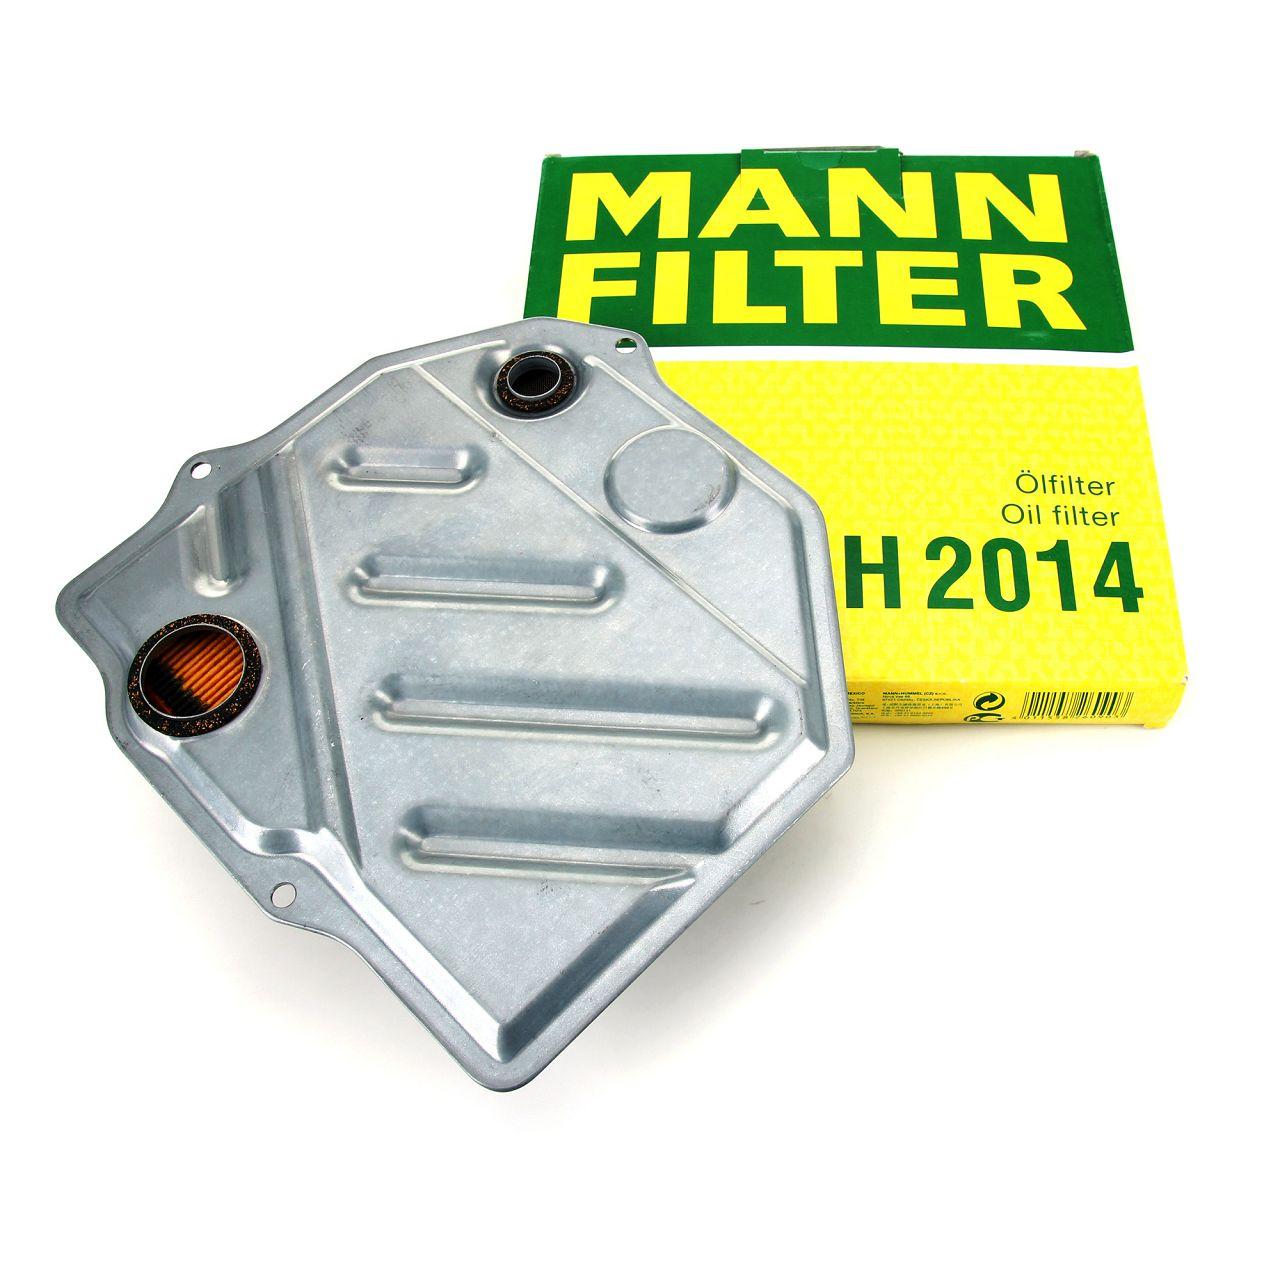 MANN Hydraulikfilter Automatikgetriebefilter Getriebefilter 4-Gang H2014